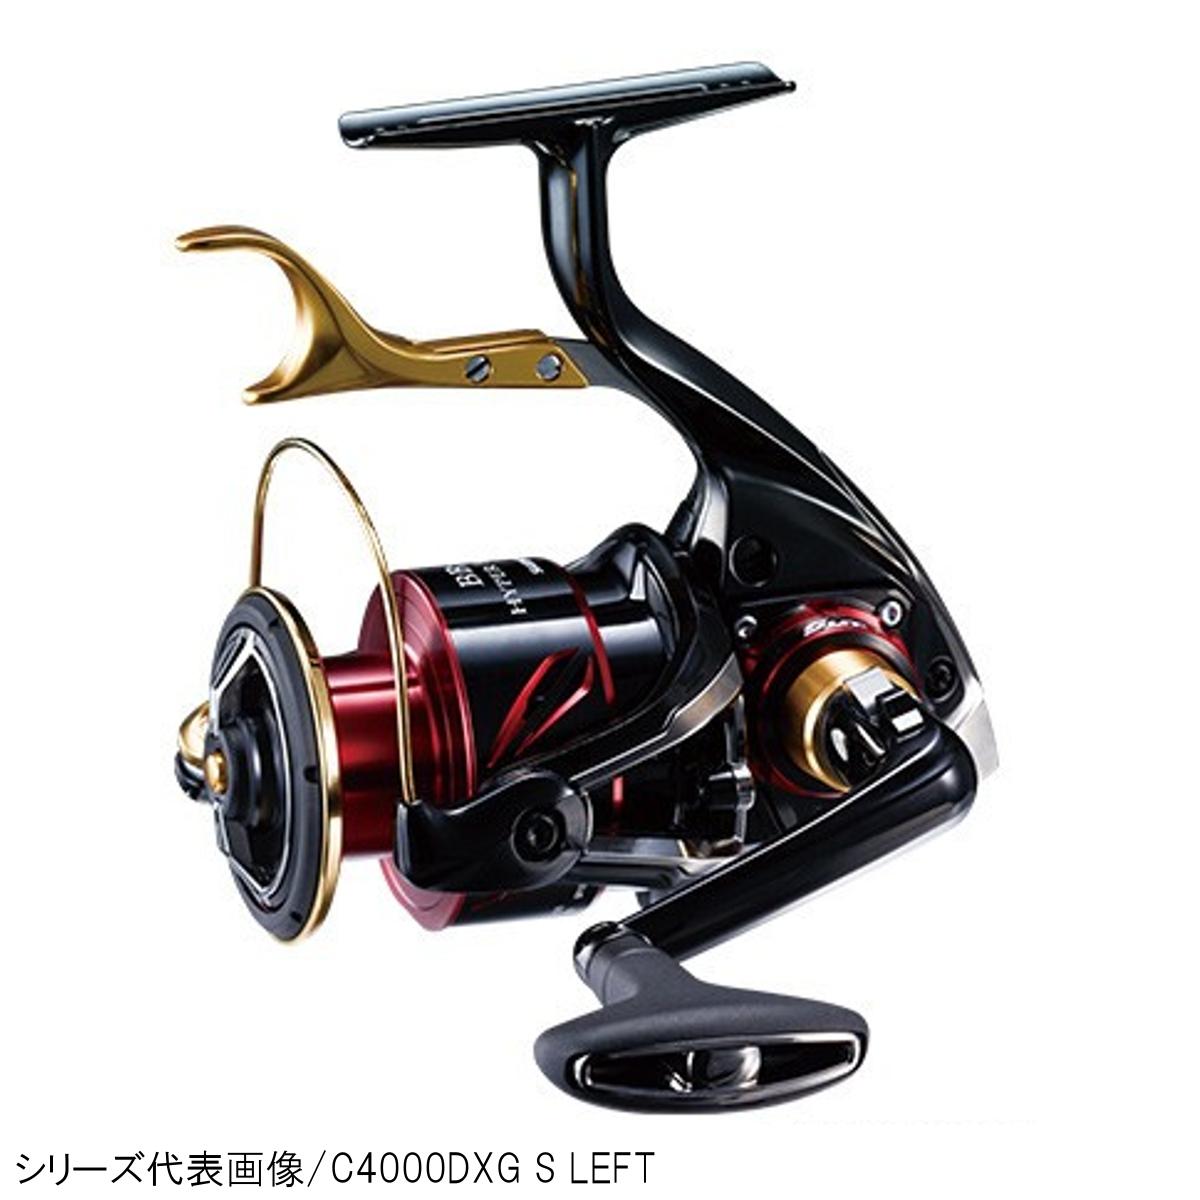 シマノ BB-X ハイパーフォース C3000DXG S LEFT【送料無料】